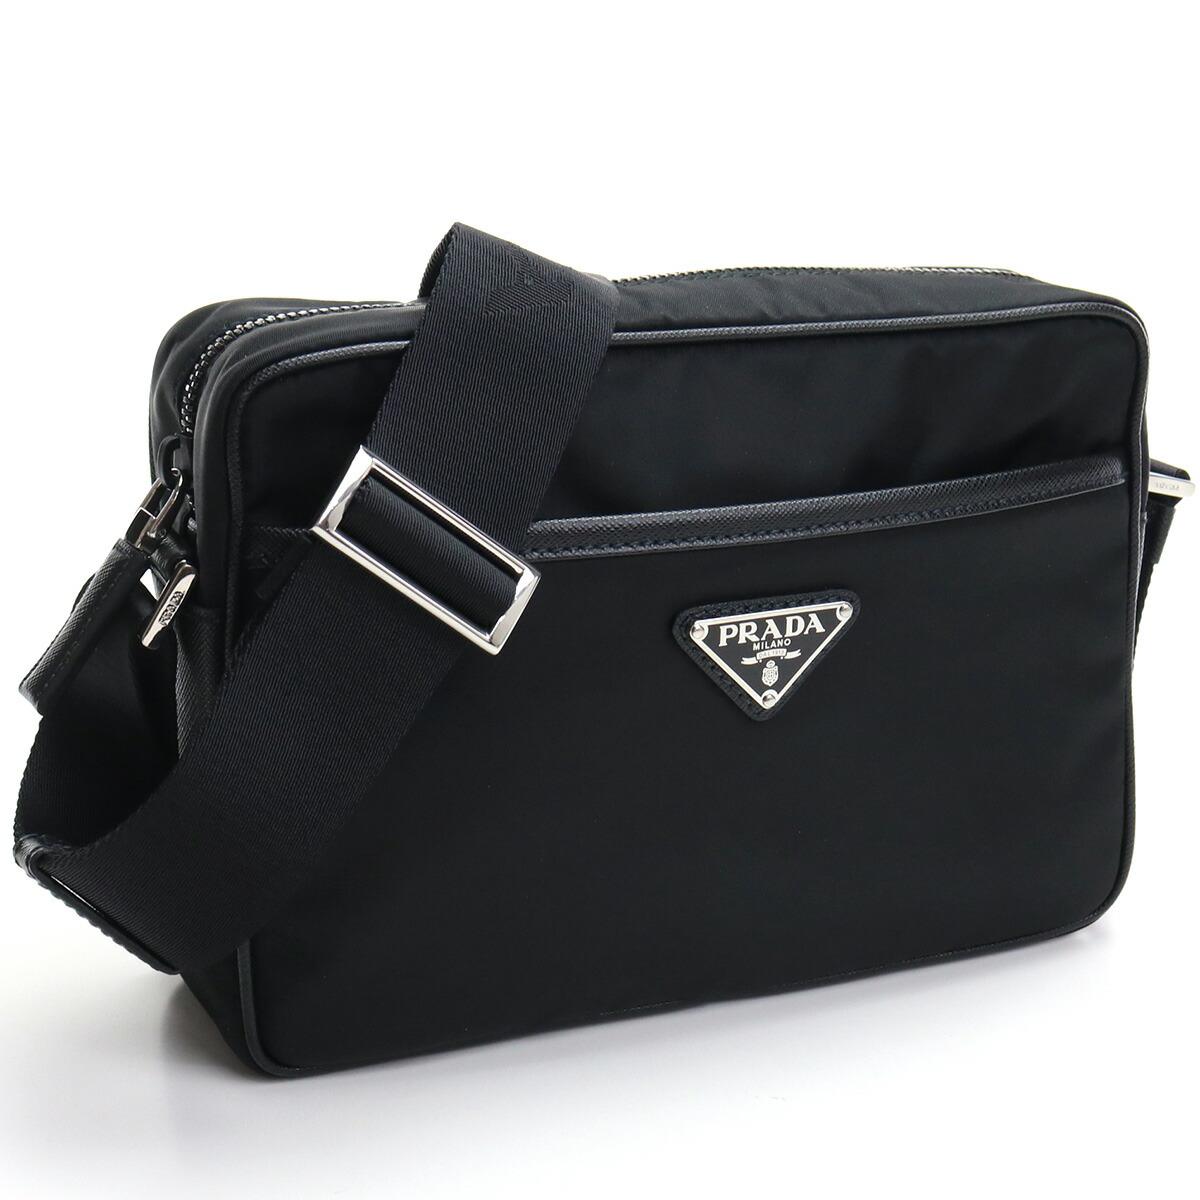 プラダ PRADA  斜め掛け ショルダーバッグ ブランドバッグ ブランドロゴ 2VH048 2DMH V OOO F0002 NERO ブラック bag-01